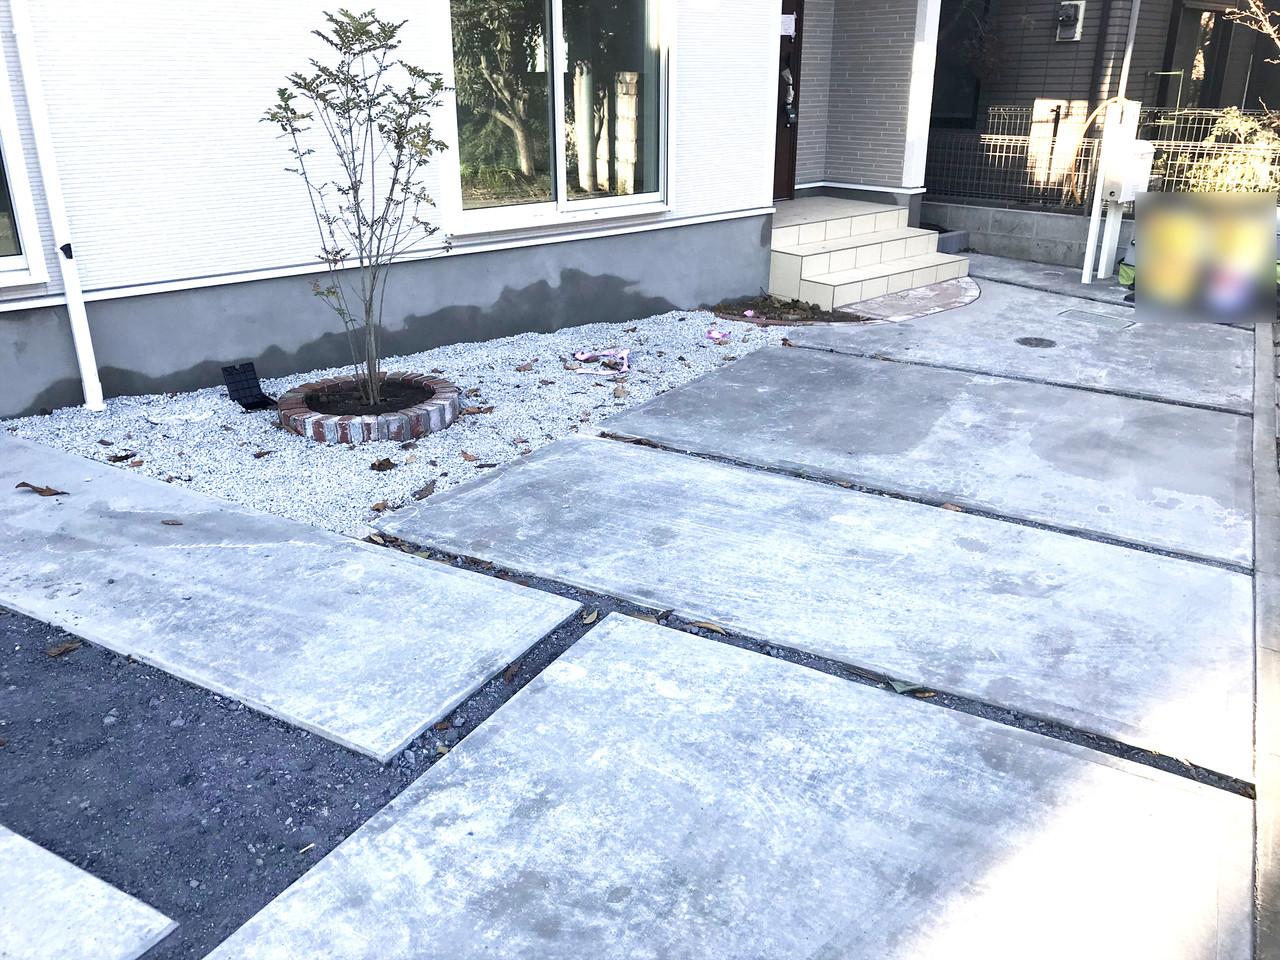 ☆広々とした駐車場☆運転に自信のない方も安心して駐車できそうです。  自慢のエクステリア、とても綺麗です。 植栽が良い味出してます!可愛がってあげてくださいね♪